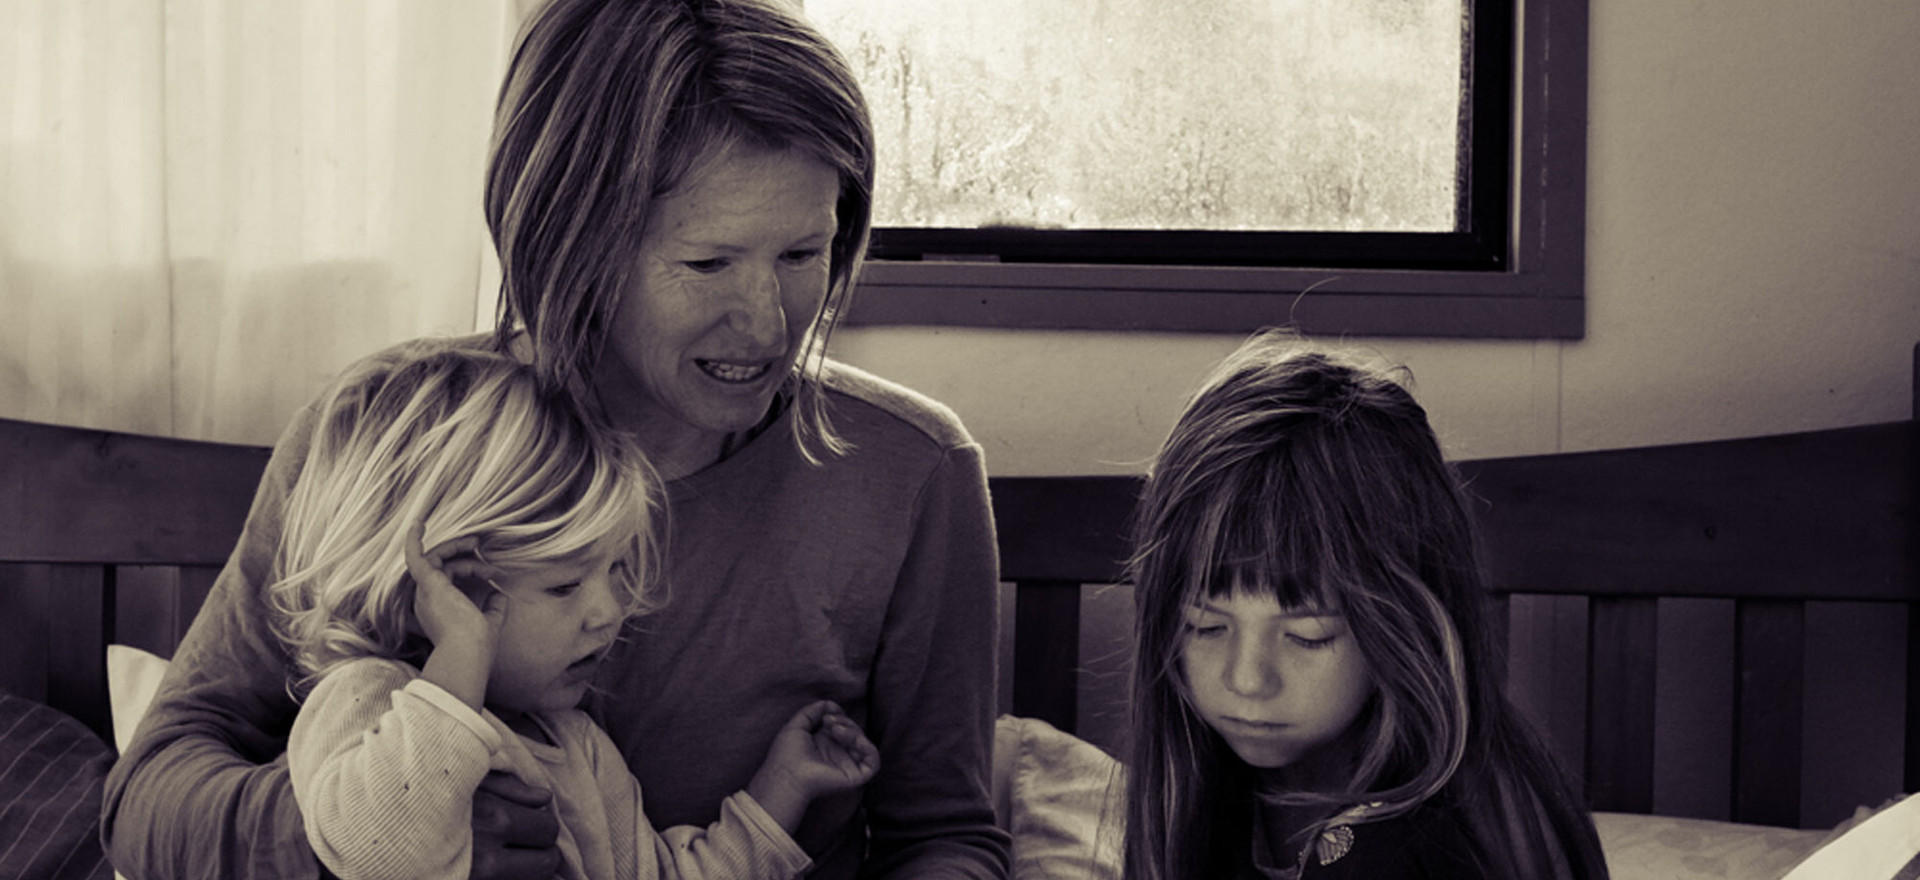 mum-reads-in-bed-to-girls-josie-gritten-